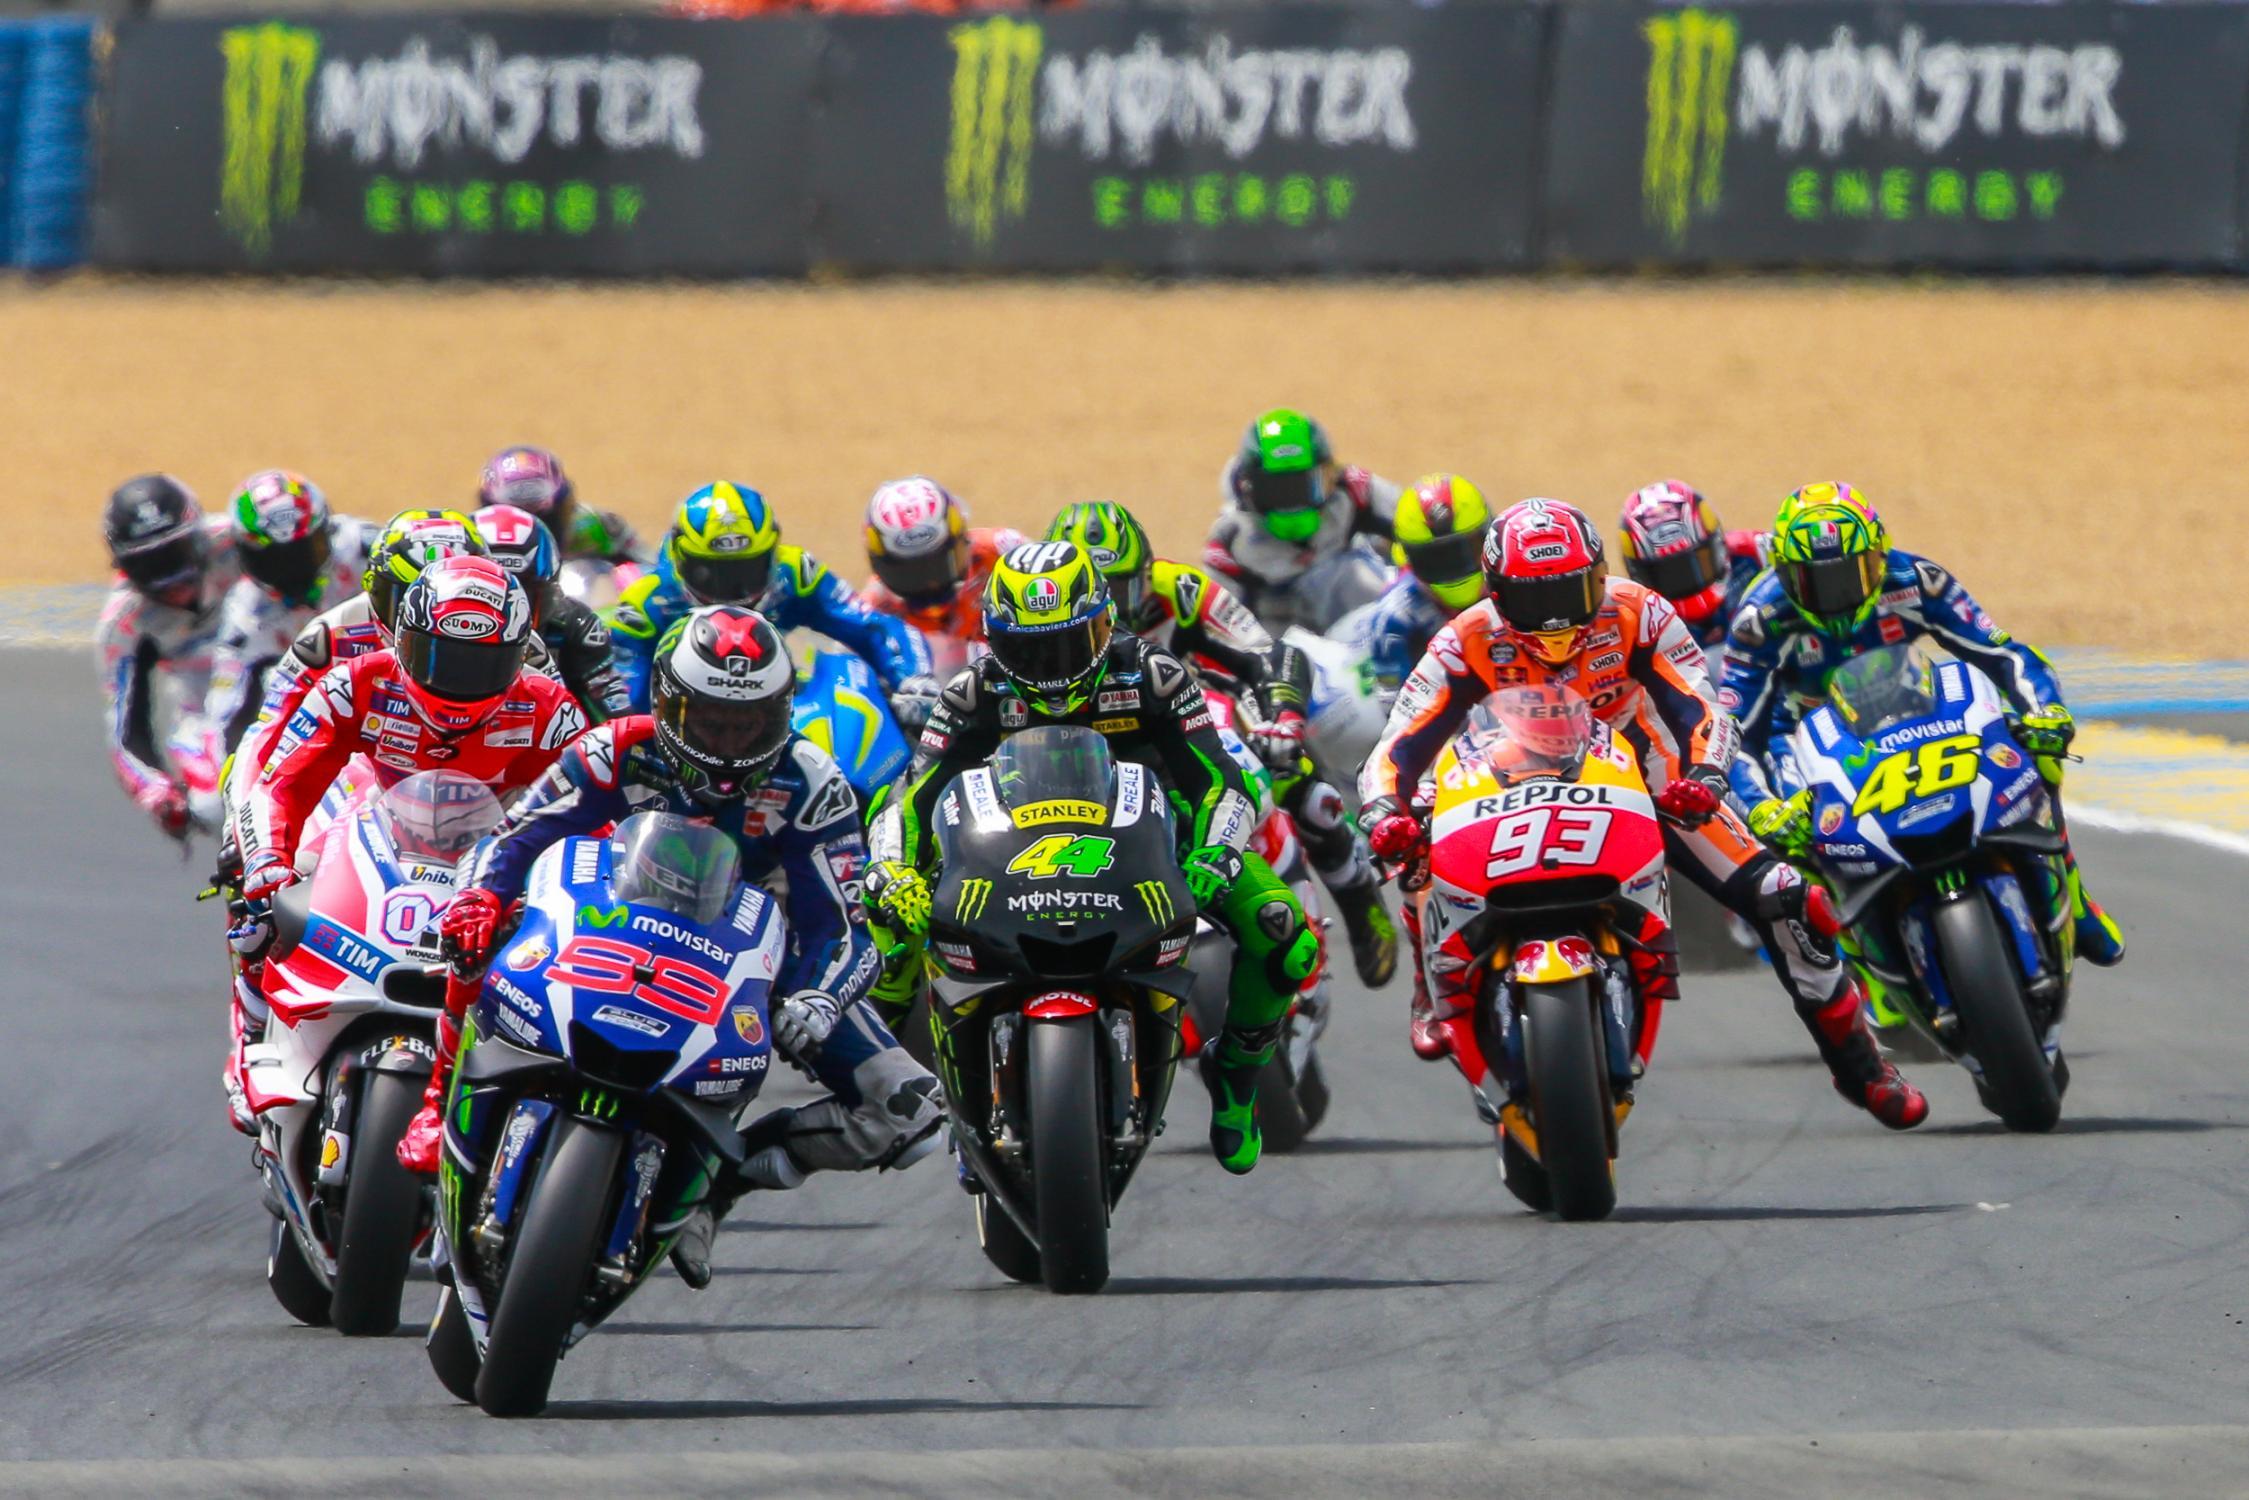 [GP] Le Mans _gp_2310.gallery_full_top_fullscreen